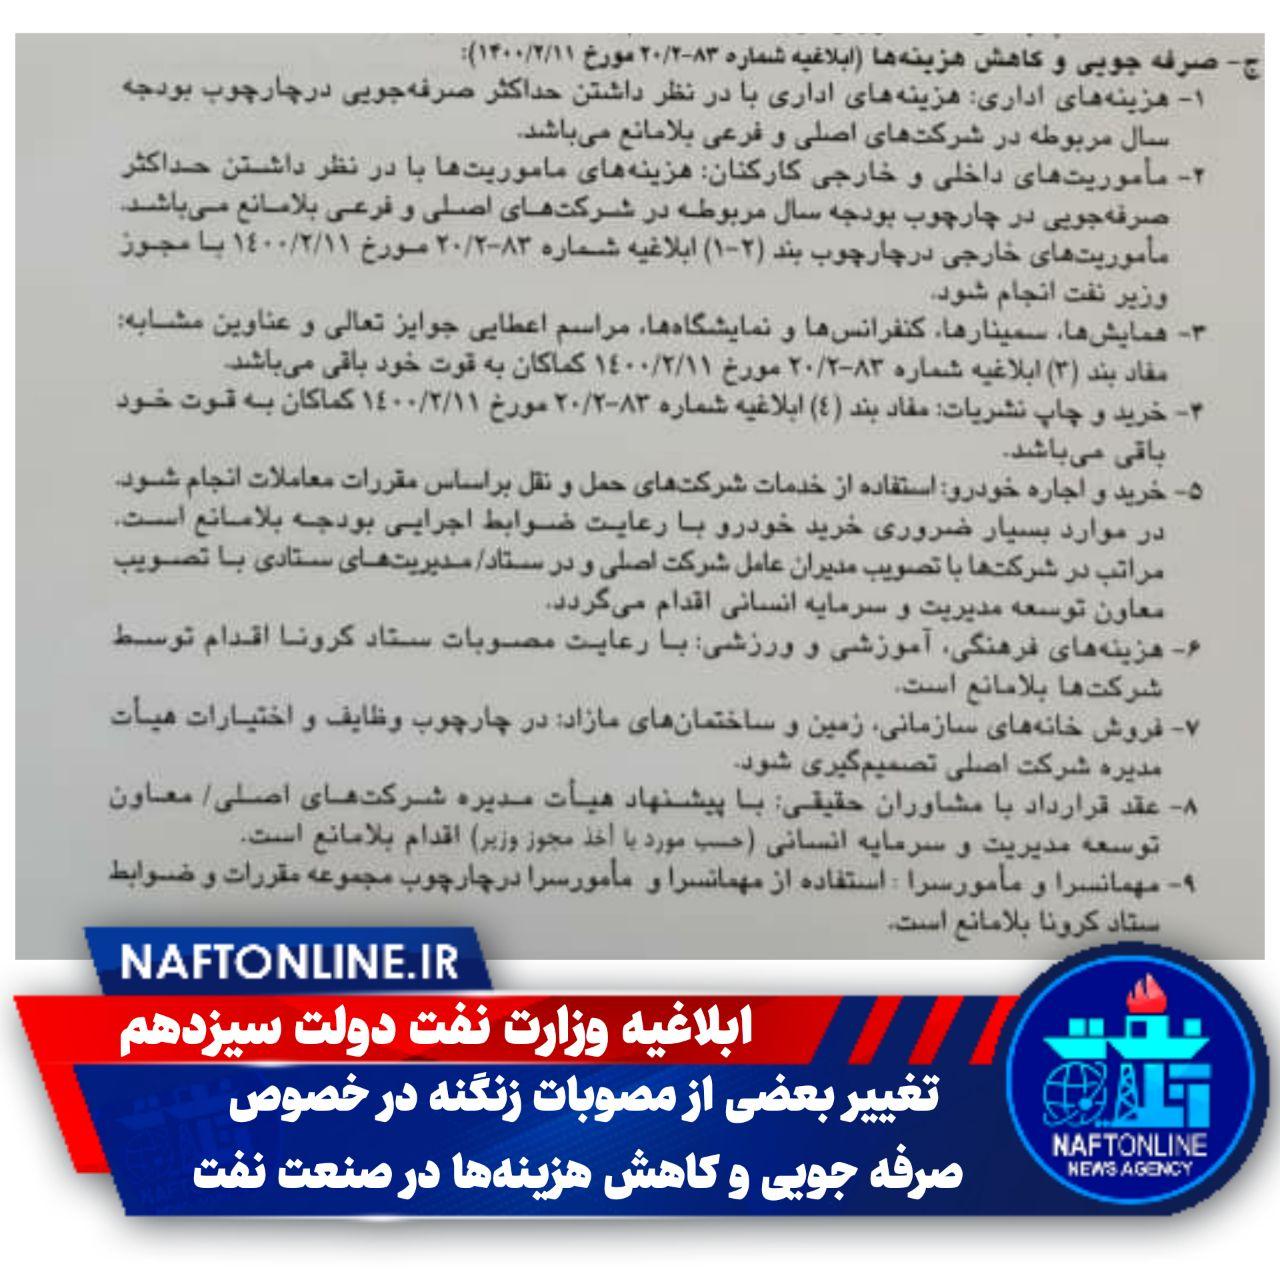 بخشنامه صرفه جویی   نفت آنلاین   وزارت نفت